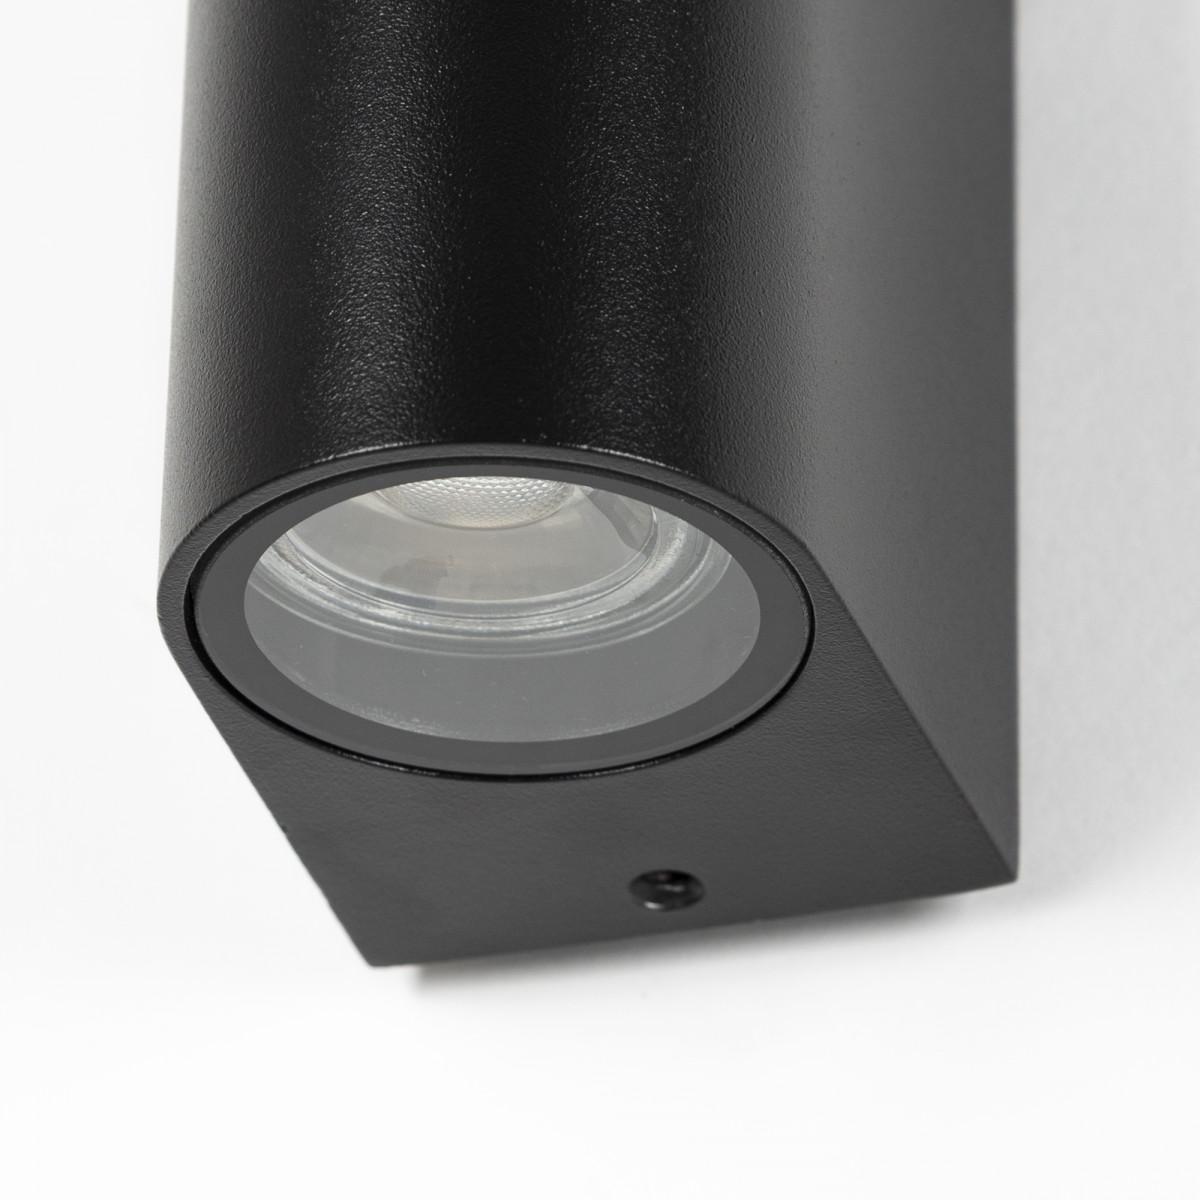 KS Verlichting, moderne wandverlichting voor buiten, wandspot flash, zwart, up en downlighter, 2 lichtbundels, boven en beneden, straks vormgegeven gevelspot